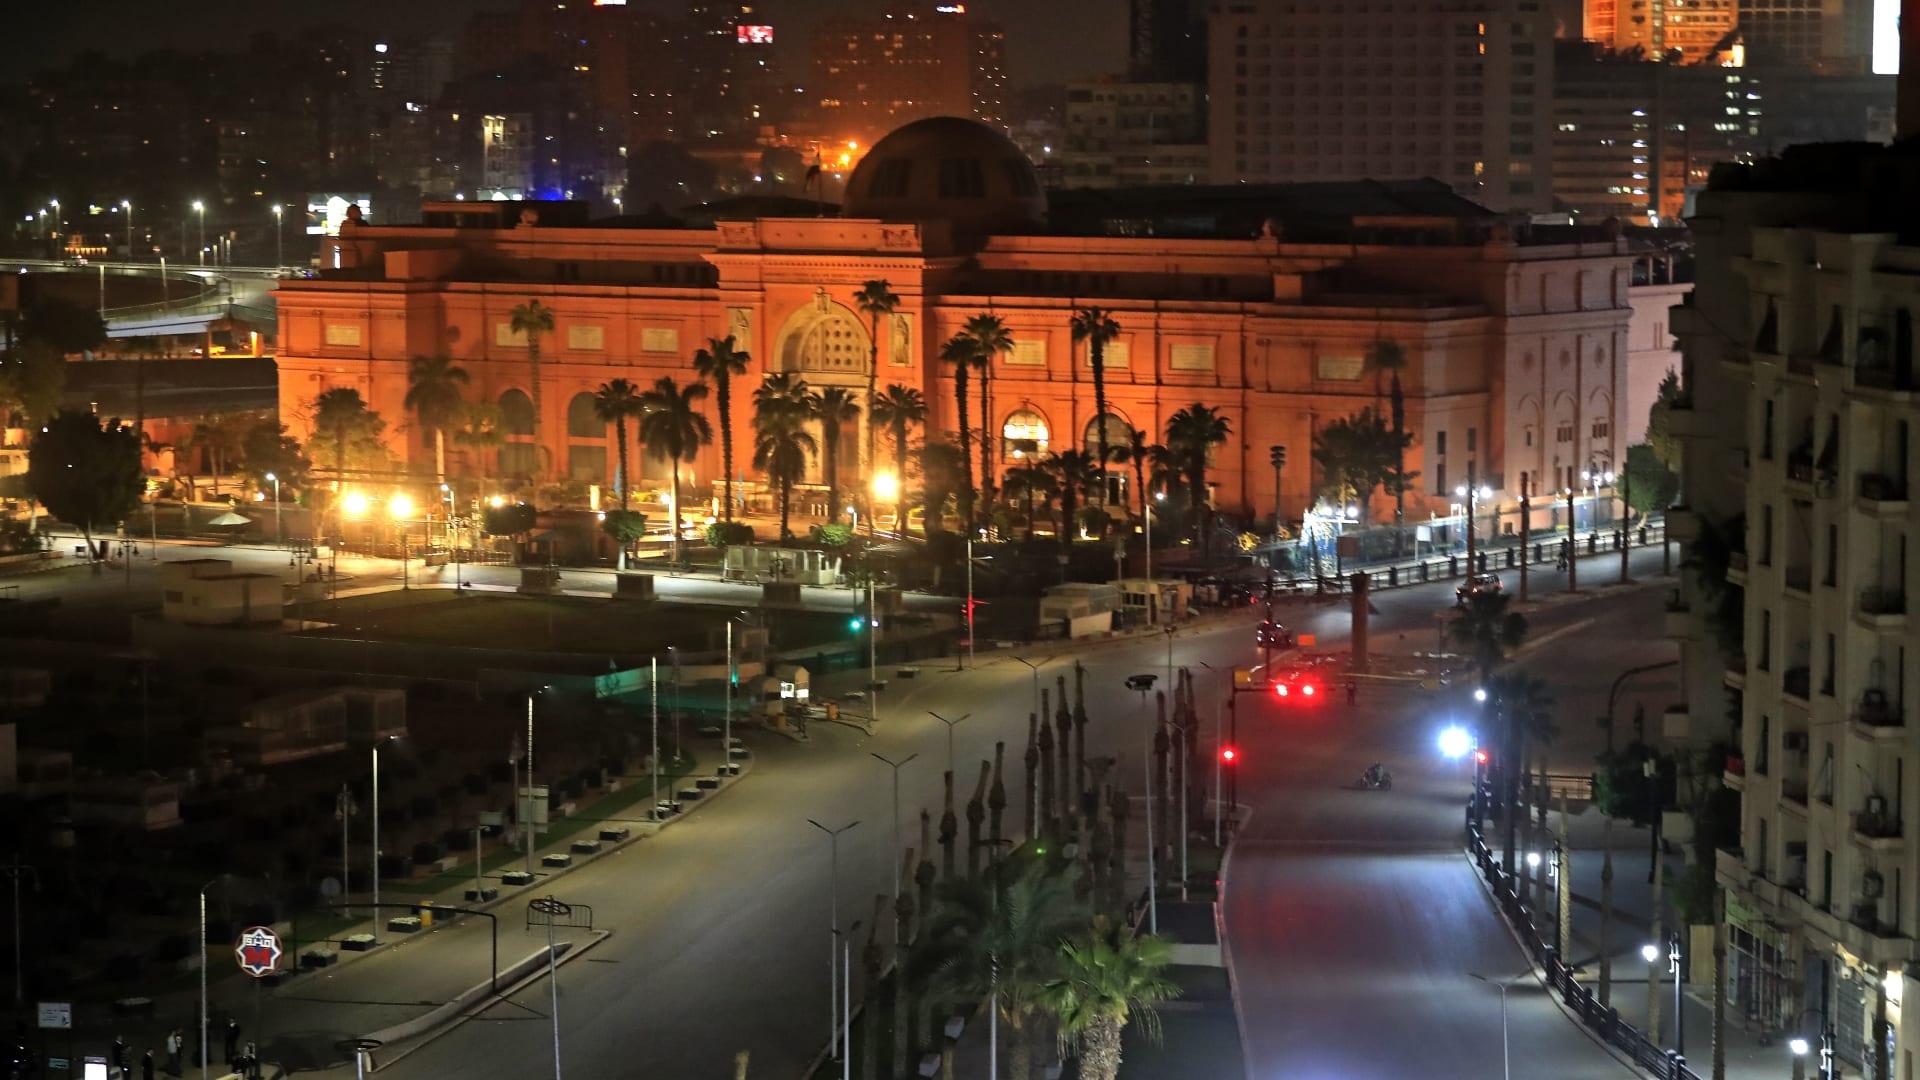 مصر تراجع اللمسات الأخيرة قبيل انطلاق الموكب الذهبي لمومياوات ملوك الفراعنة